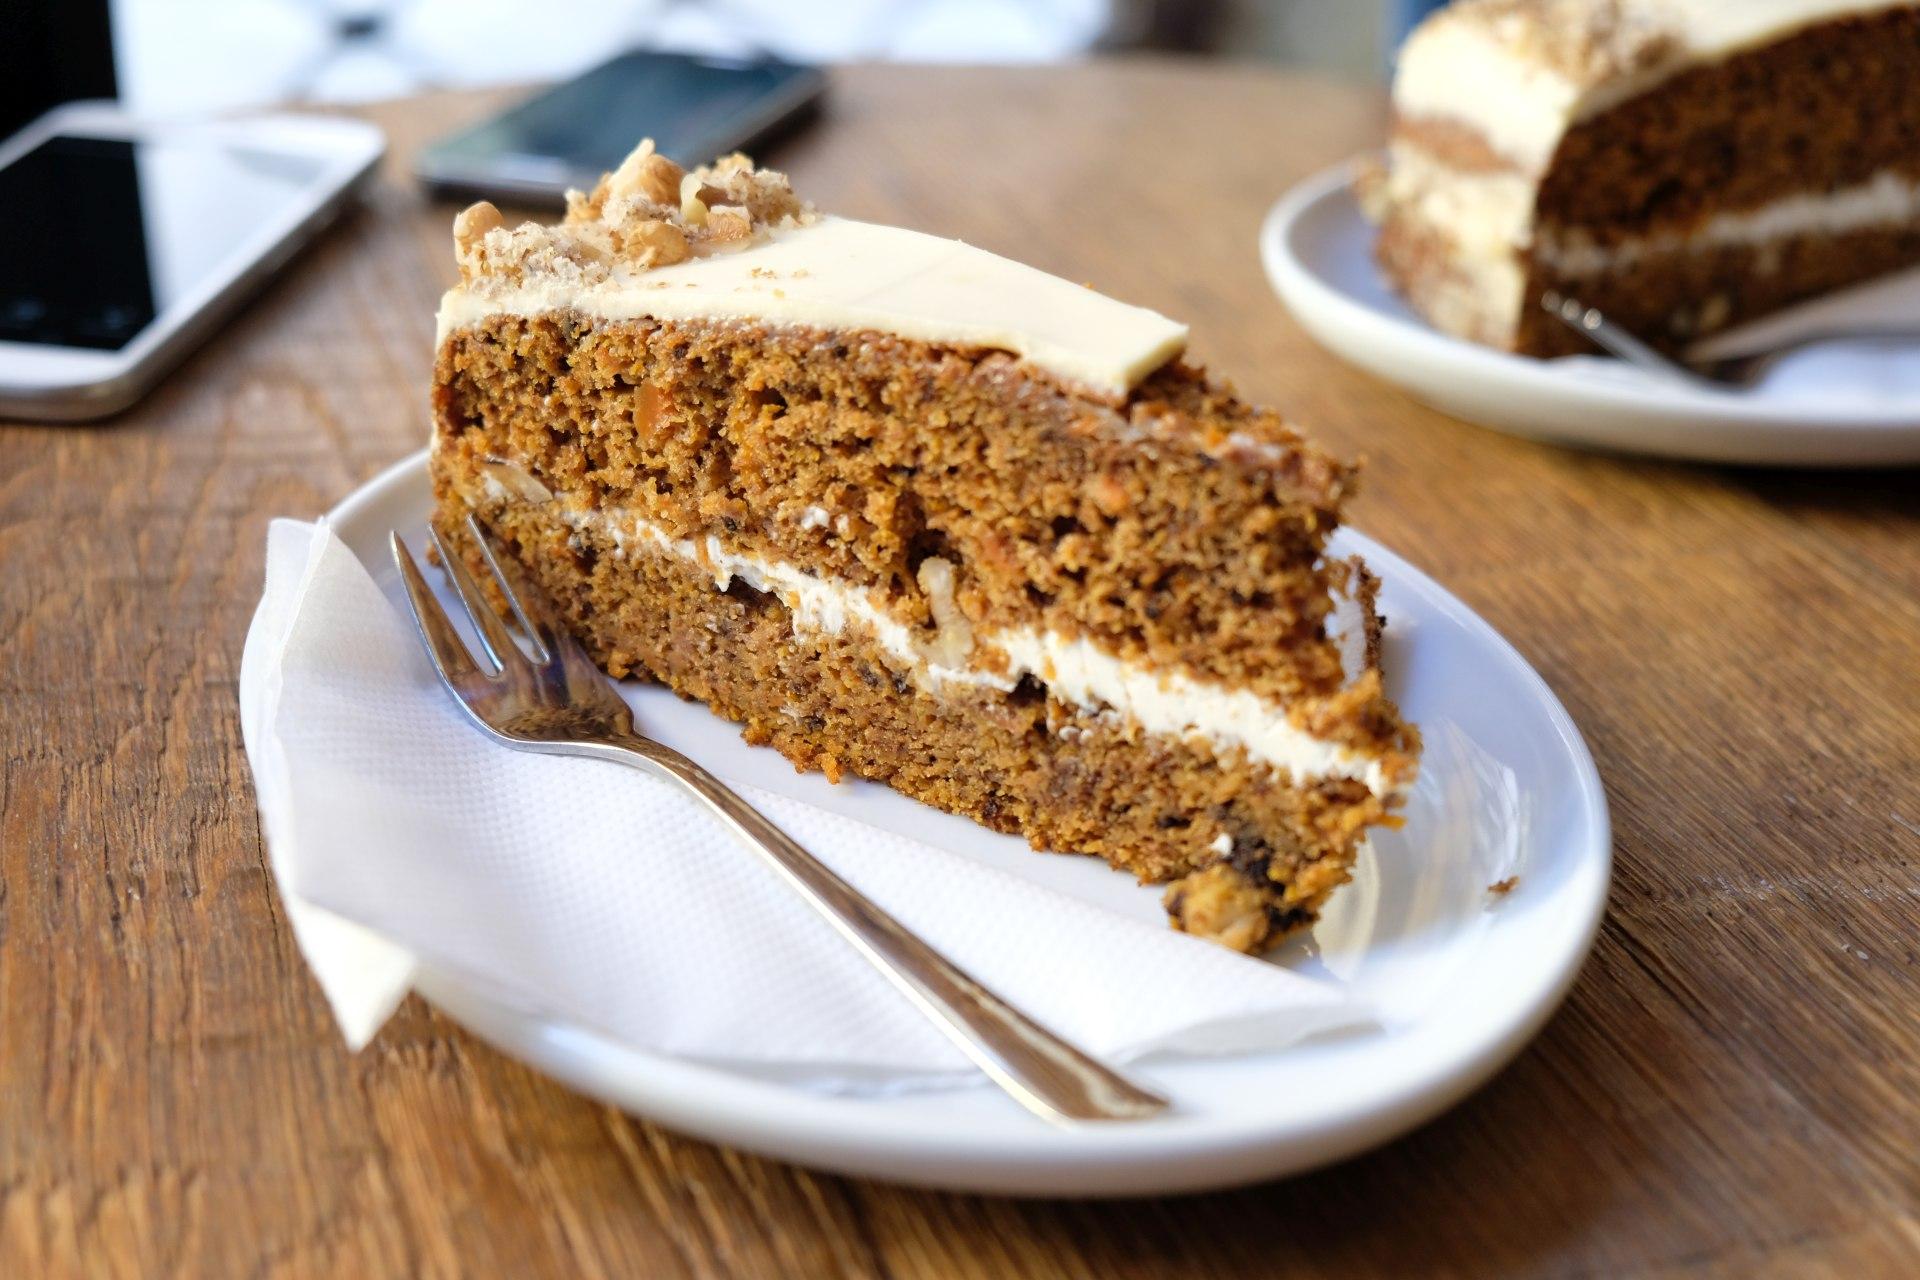 Zur Stärkung gibt es später einen sehr leckeren Rübli-Nuss-Kuchen